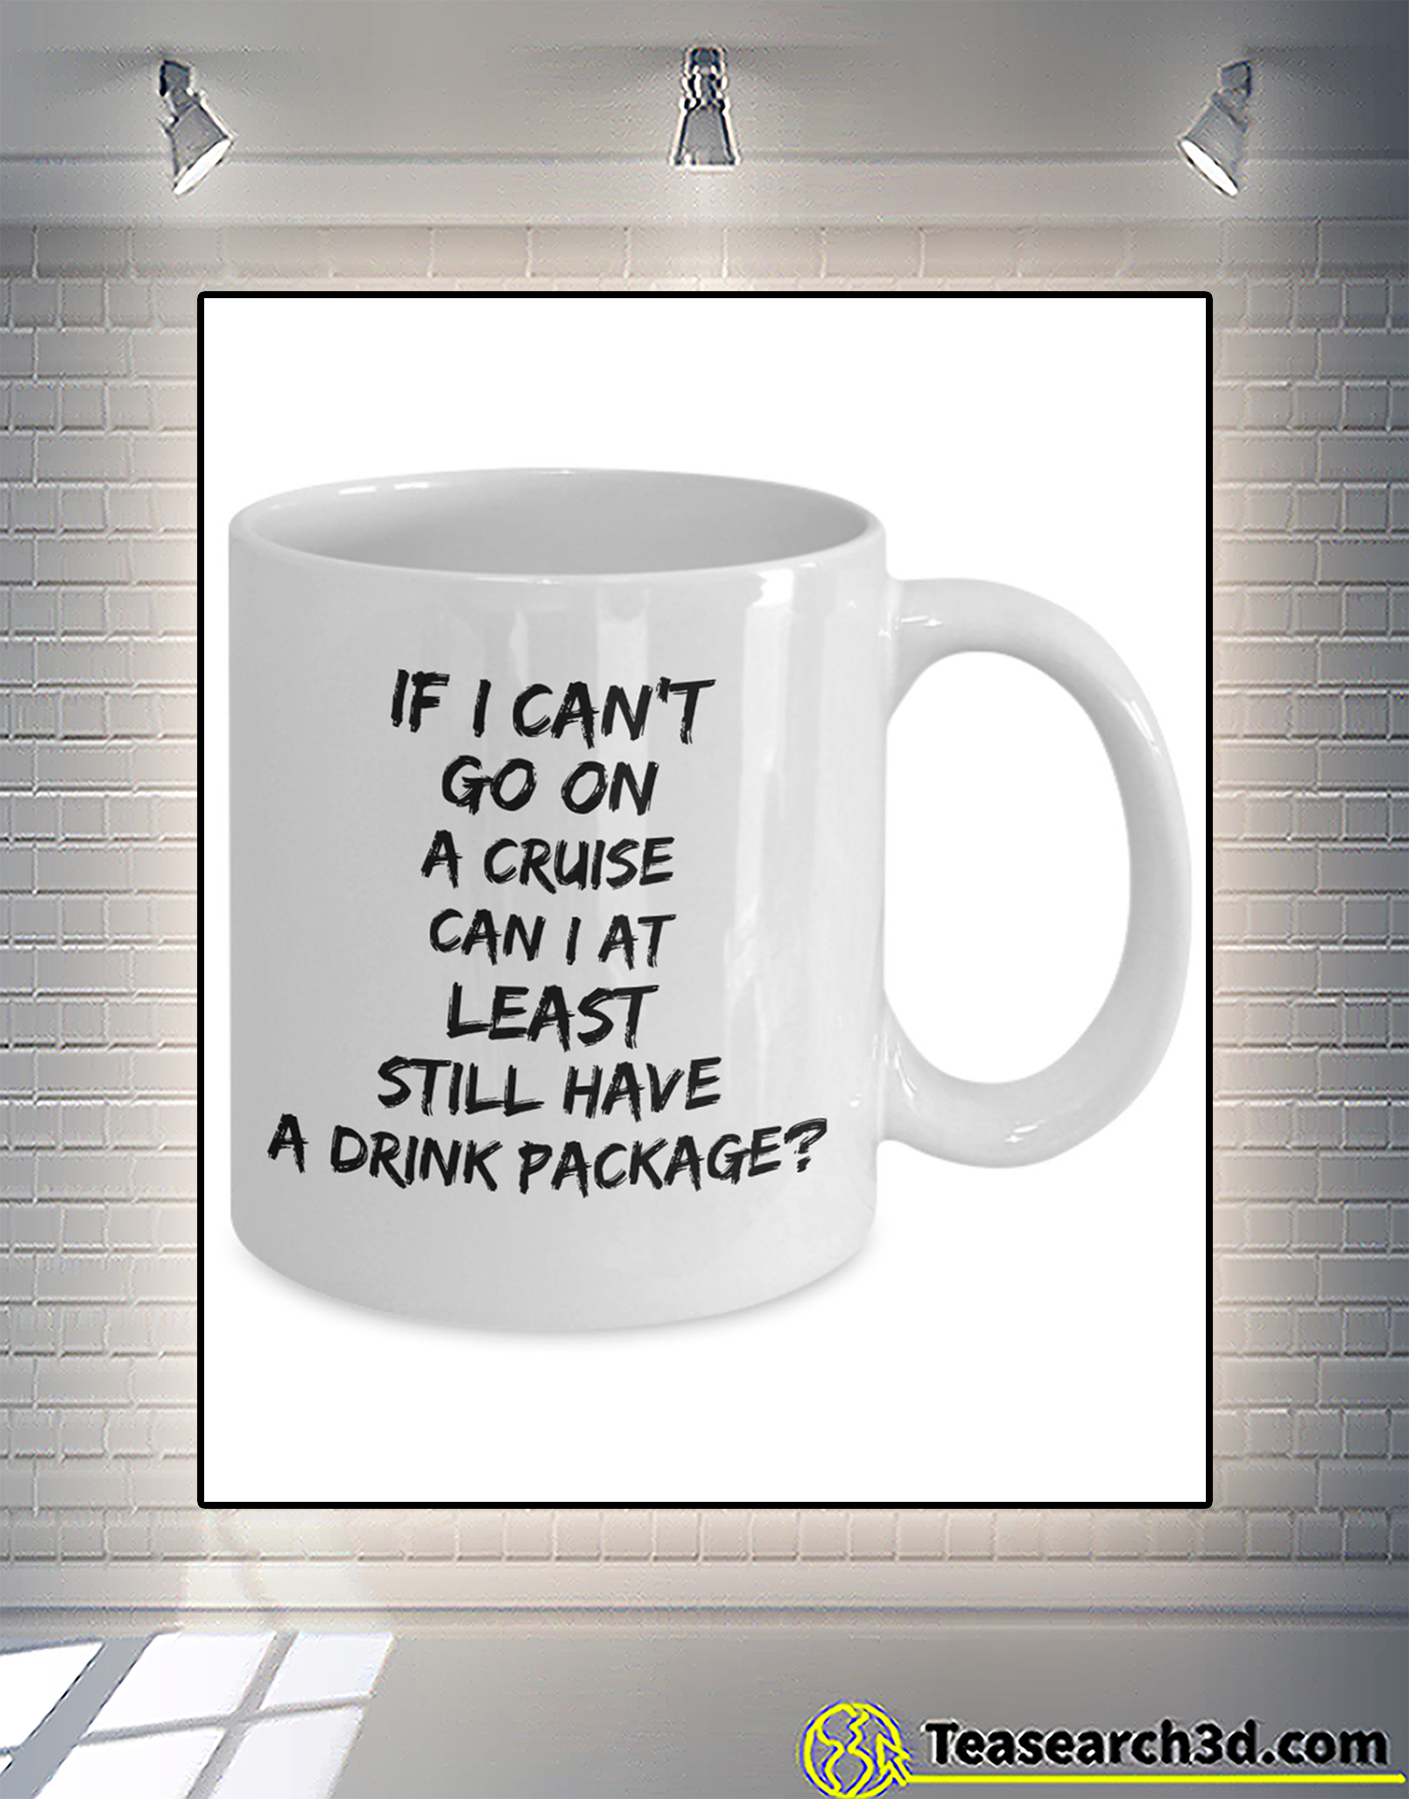 If I can't go on a cruise can I at least still have a drink package mug 1